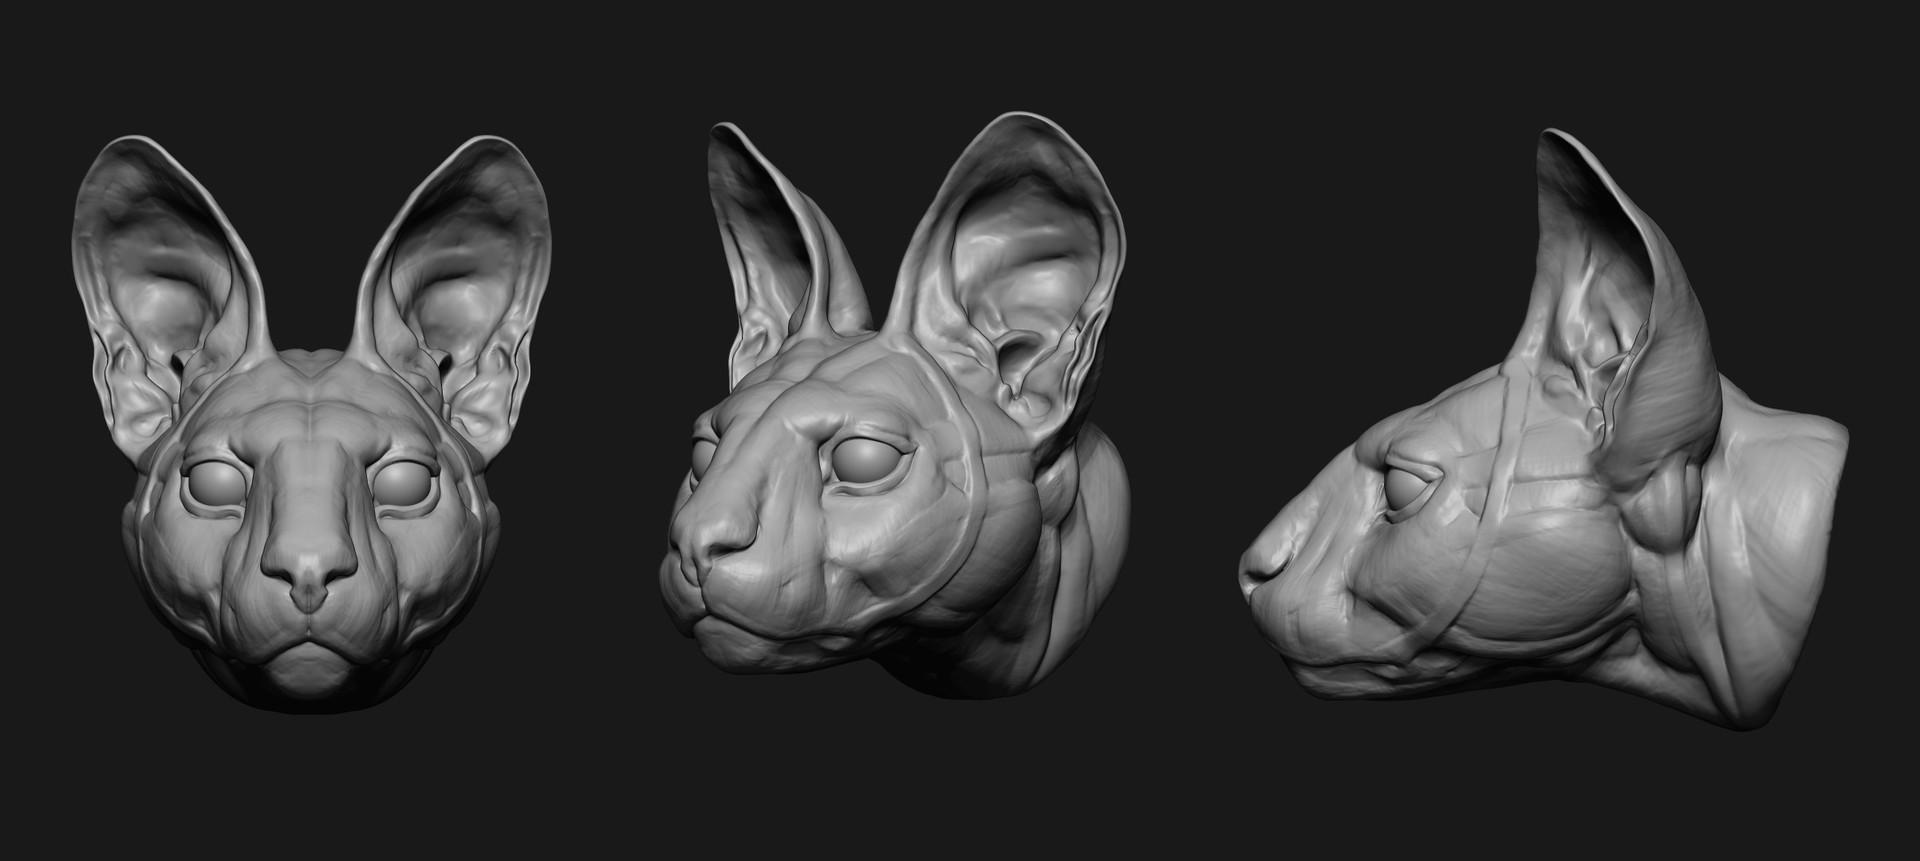 Jess O\'Neill - Freelance 3D Modeler & Texture Artist - Serval Head ...